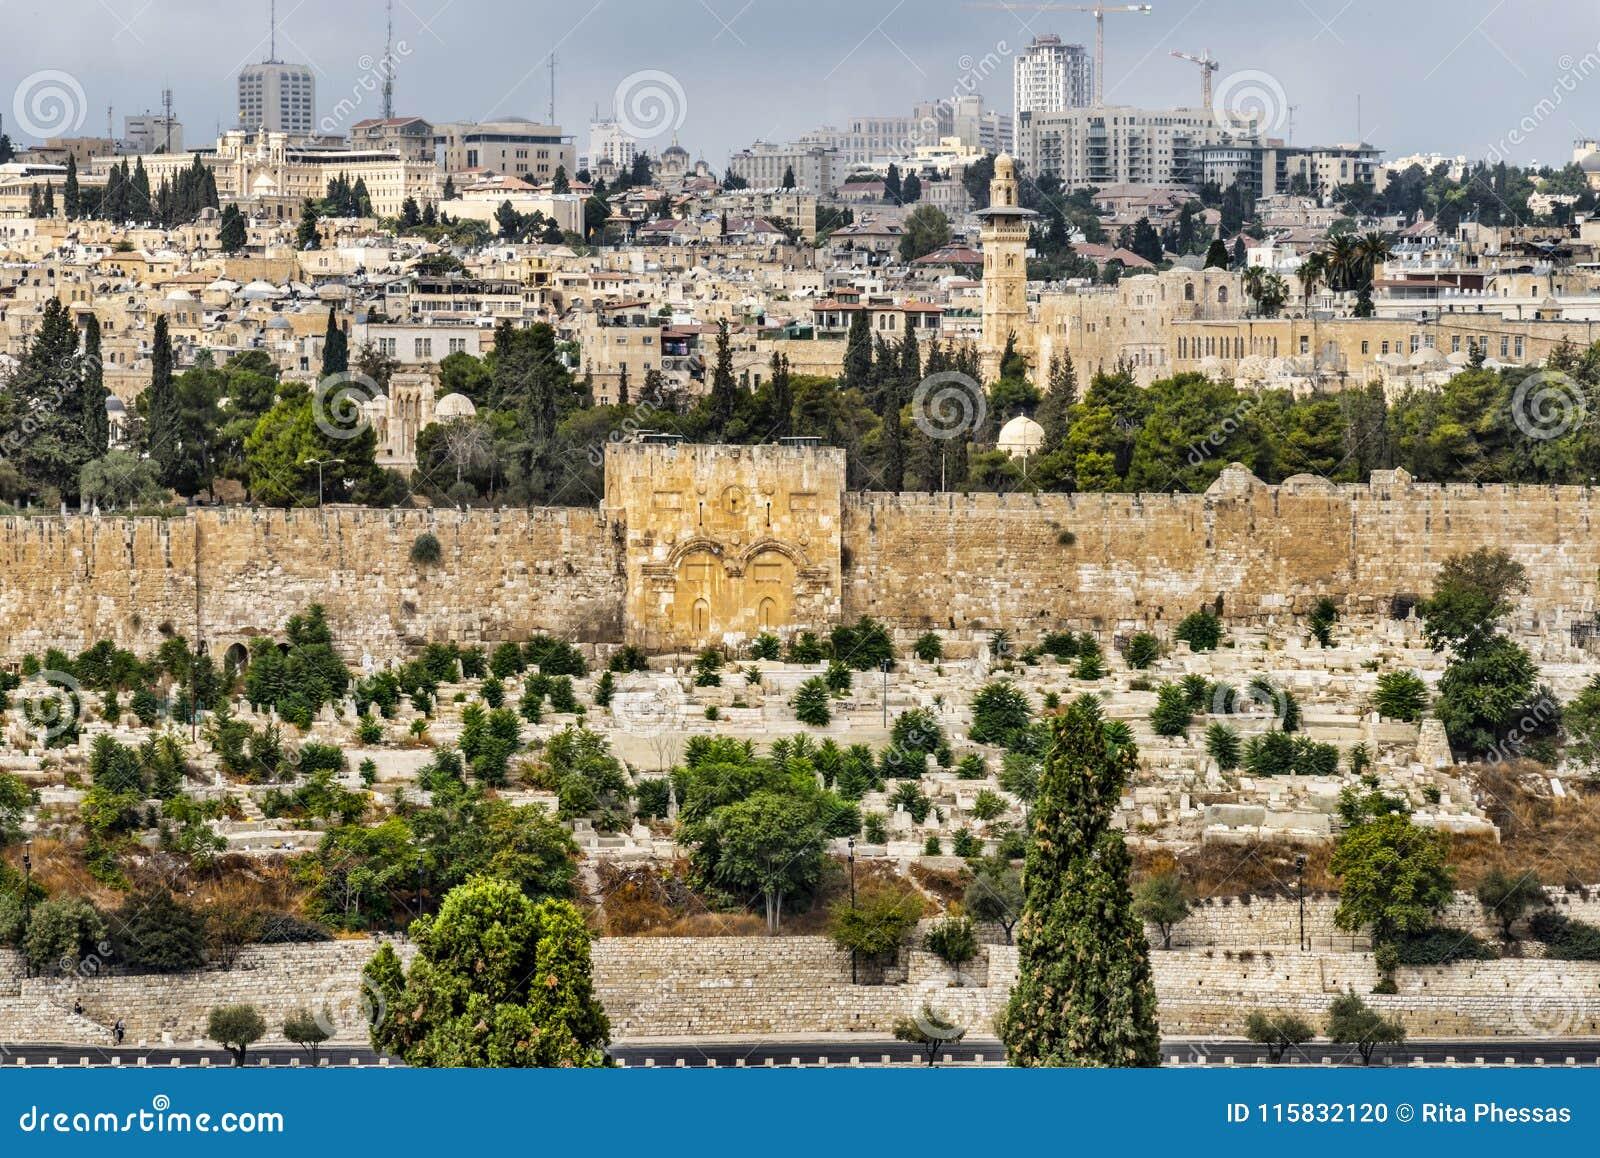 Jerozolima, widok od góry Zion na golden gate, ale oczekuje otwierającym przy wskrzeczającym, jest gęsto kamieniarstwem